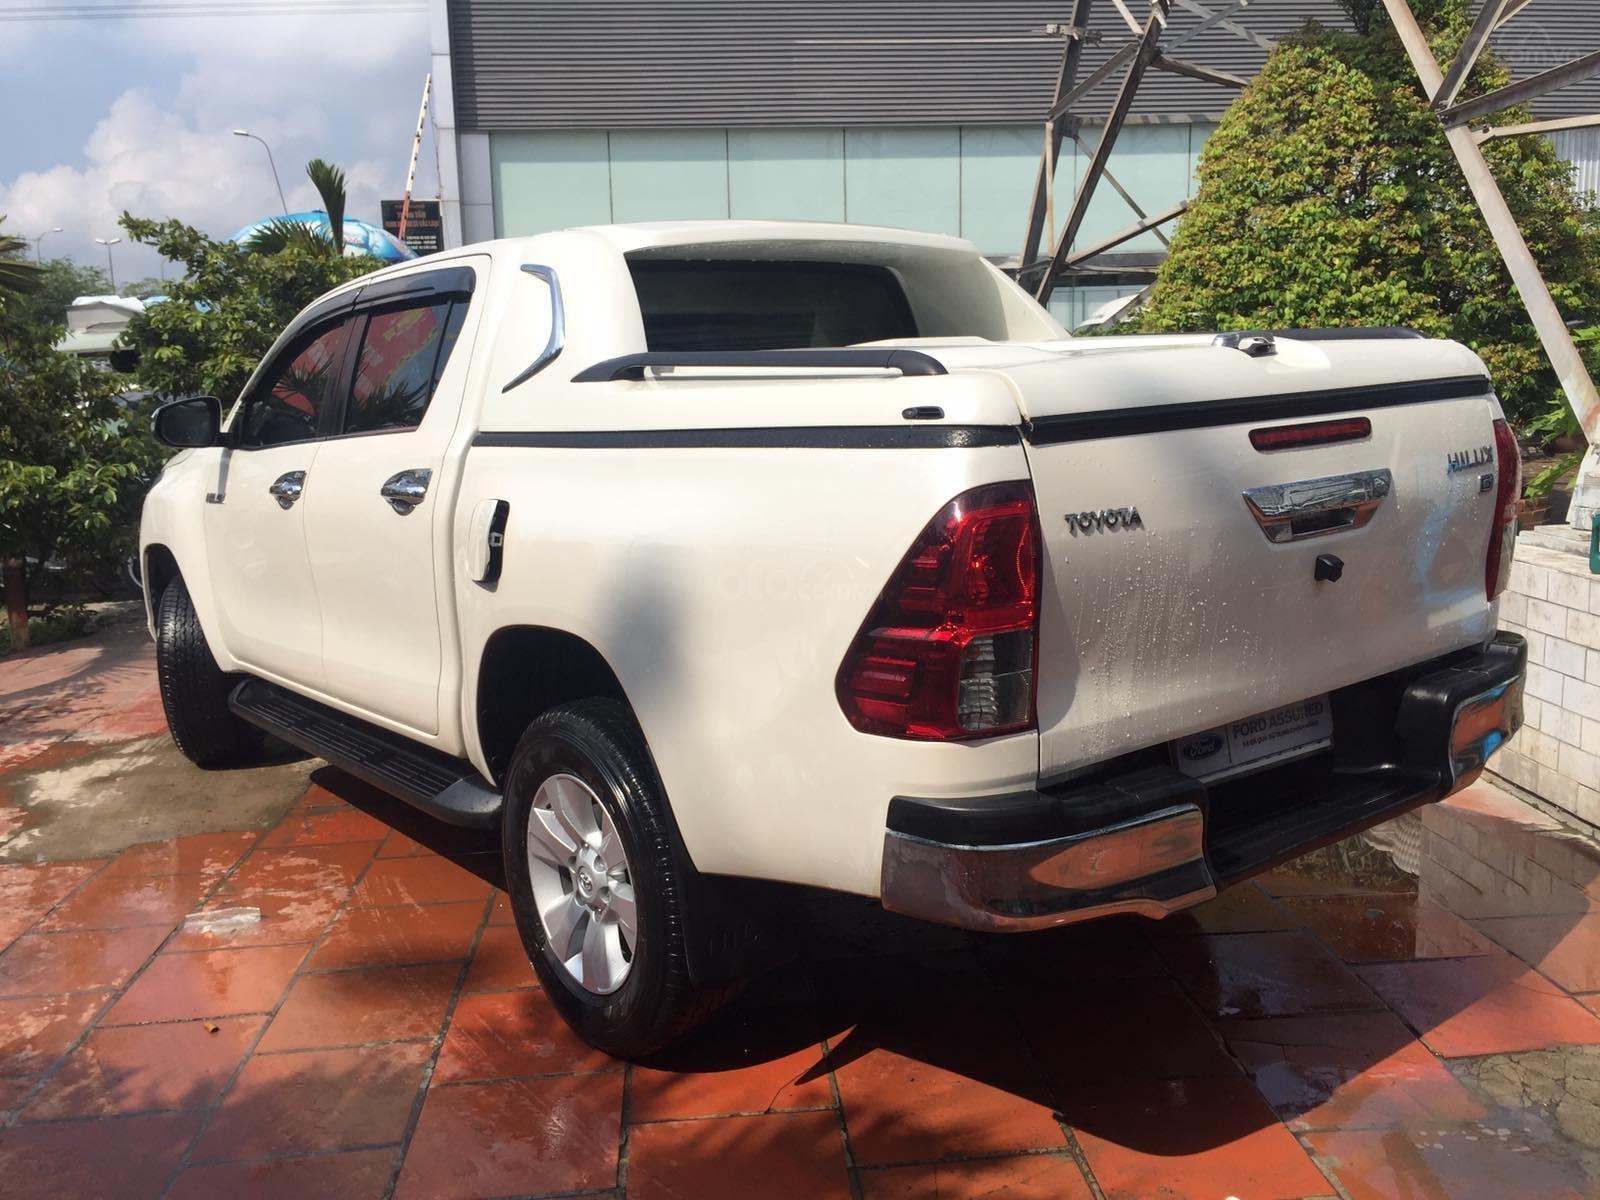 Toyota Hilux 2.8G 4x4 2017, xe bán hãng bảo hành 1 năm (2)